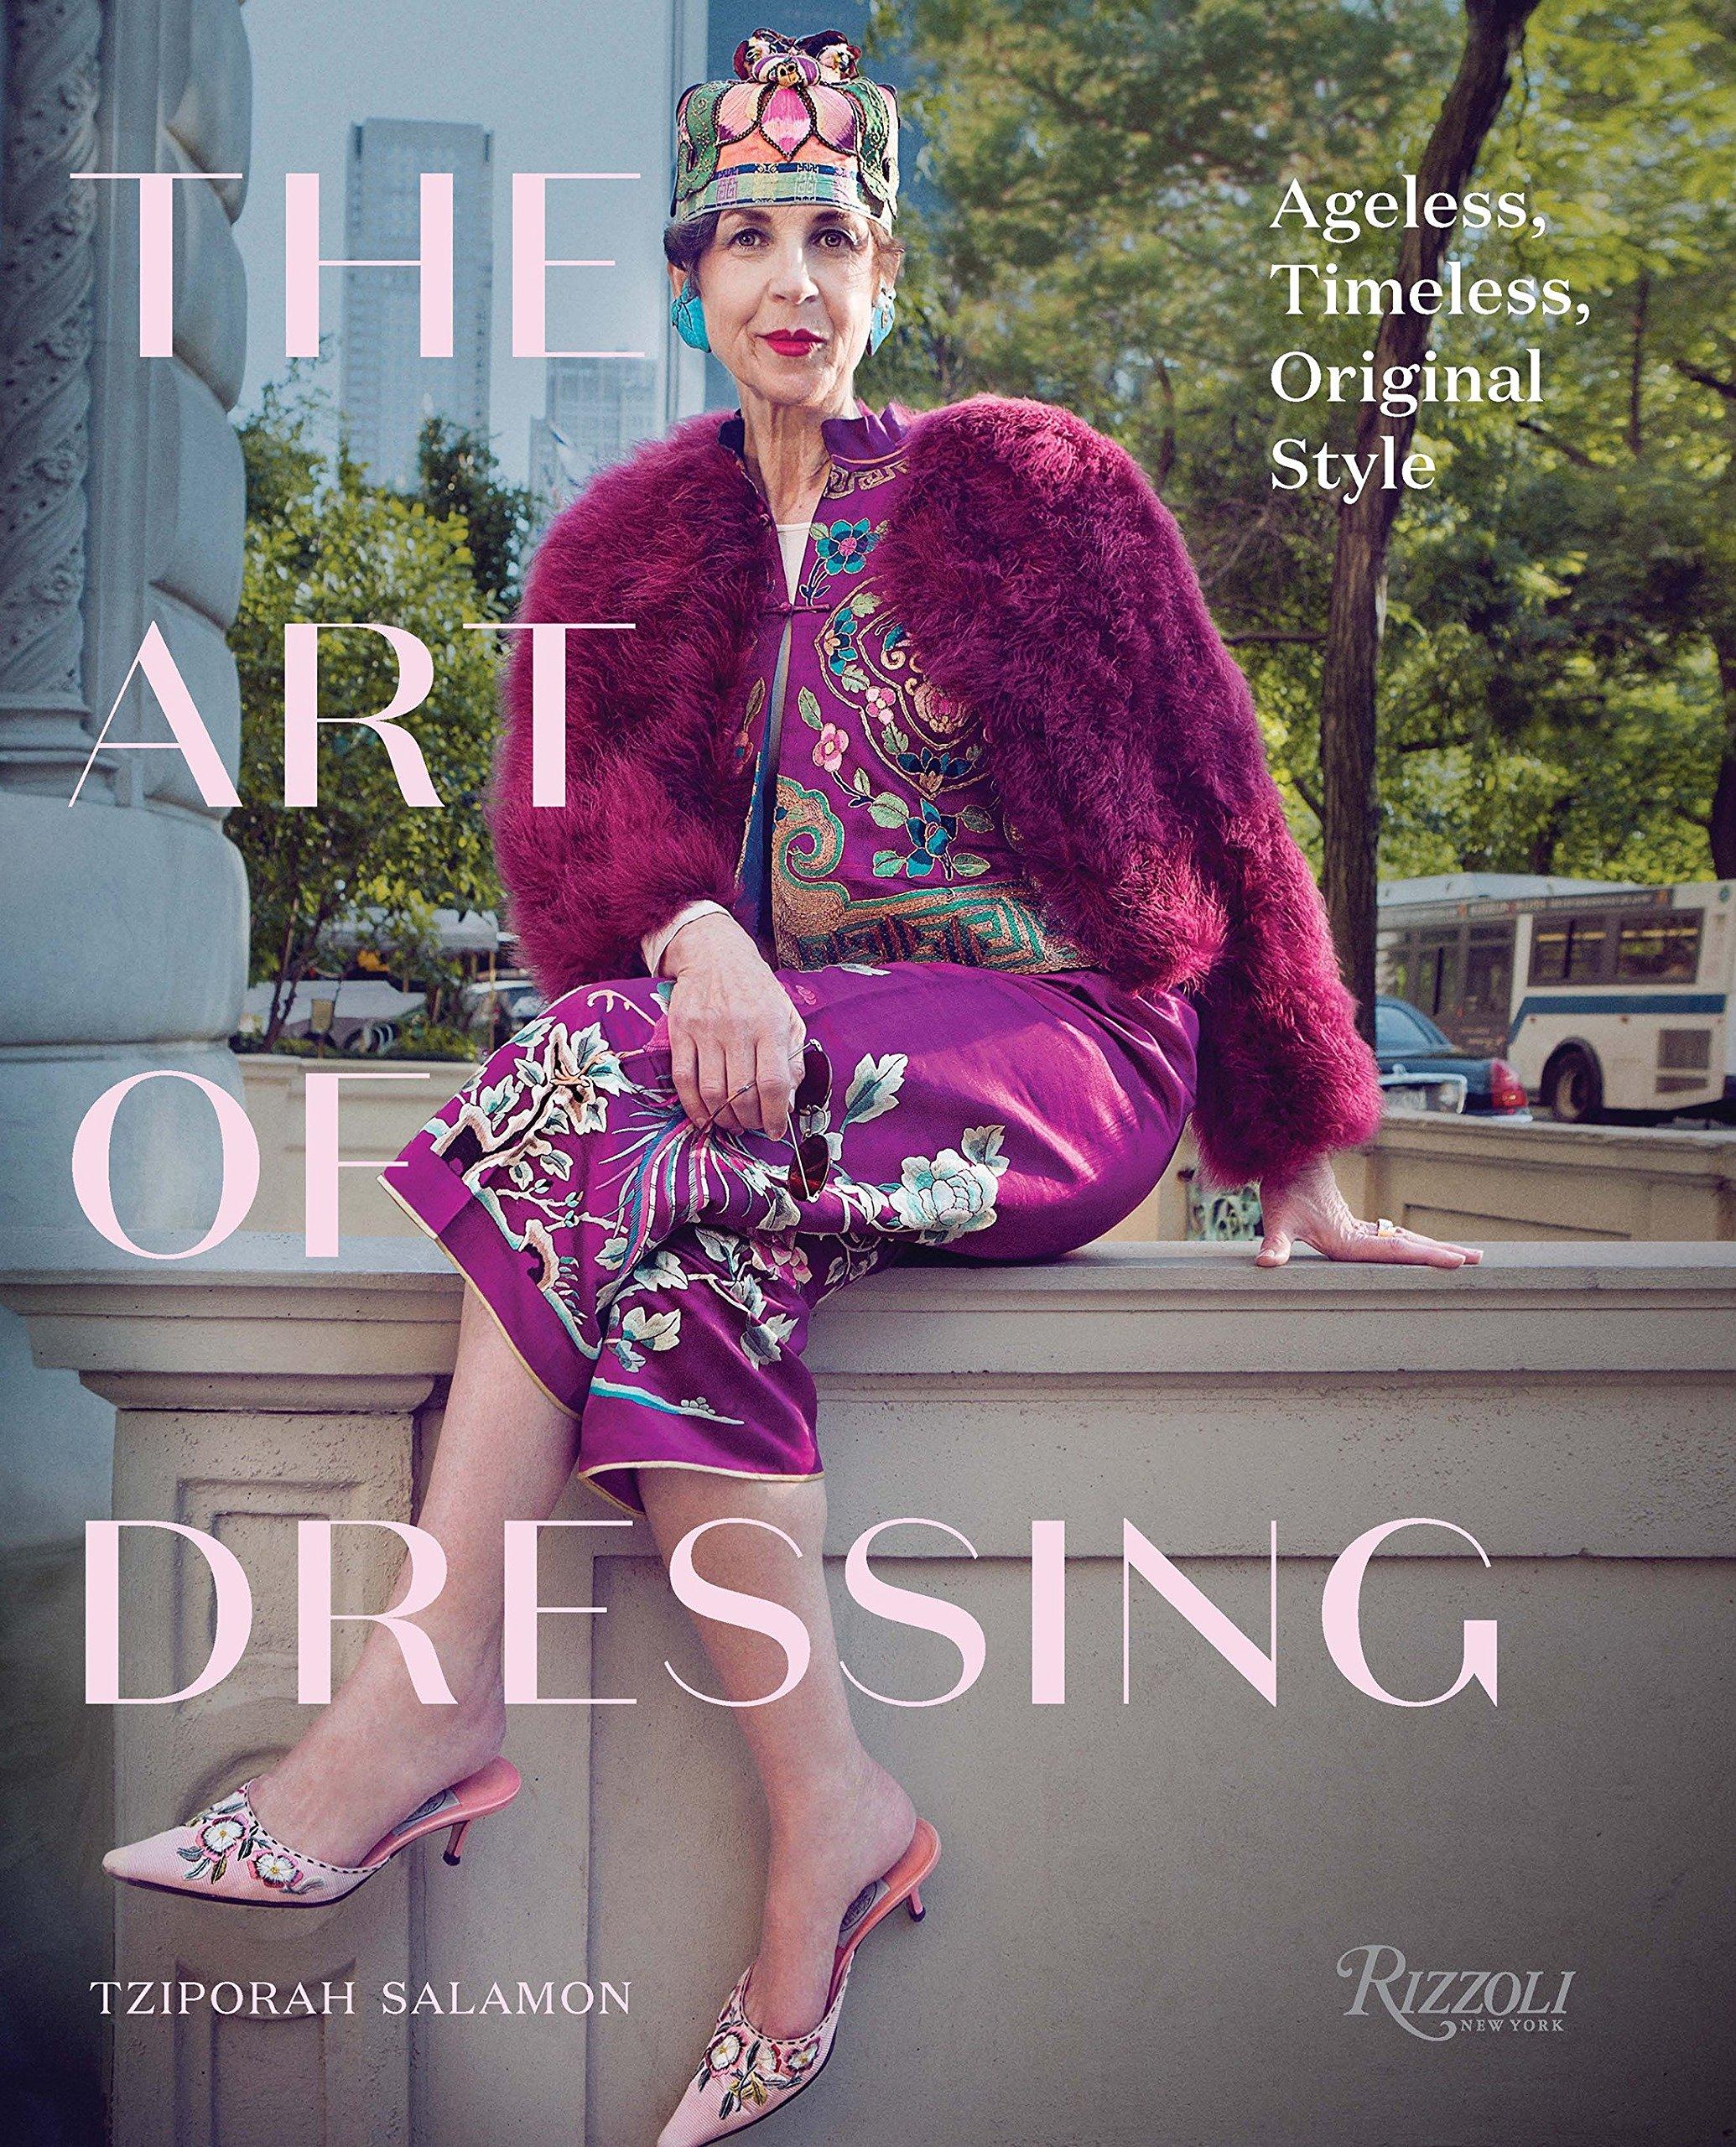 Tziporah Salamon, a csodálatos ruhafüggő hölgy, akivel New Yorkban interjúztam is